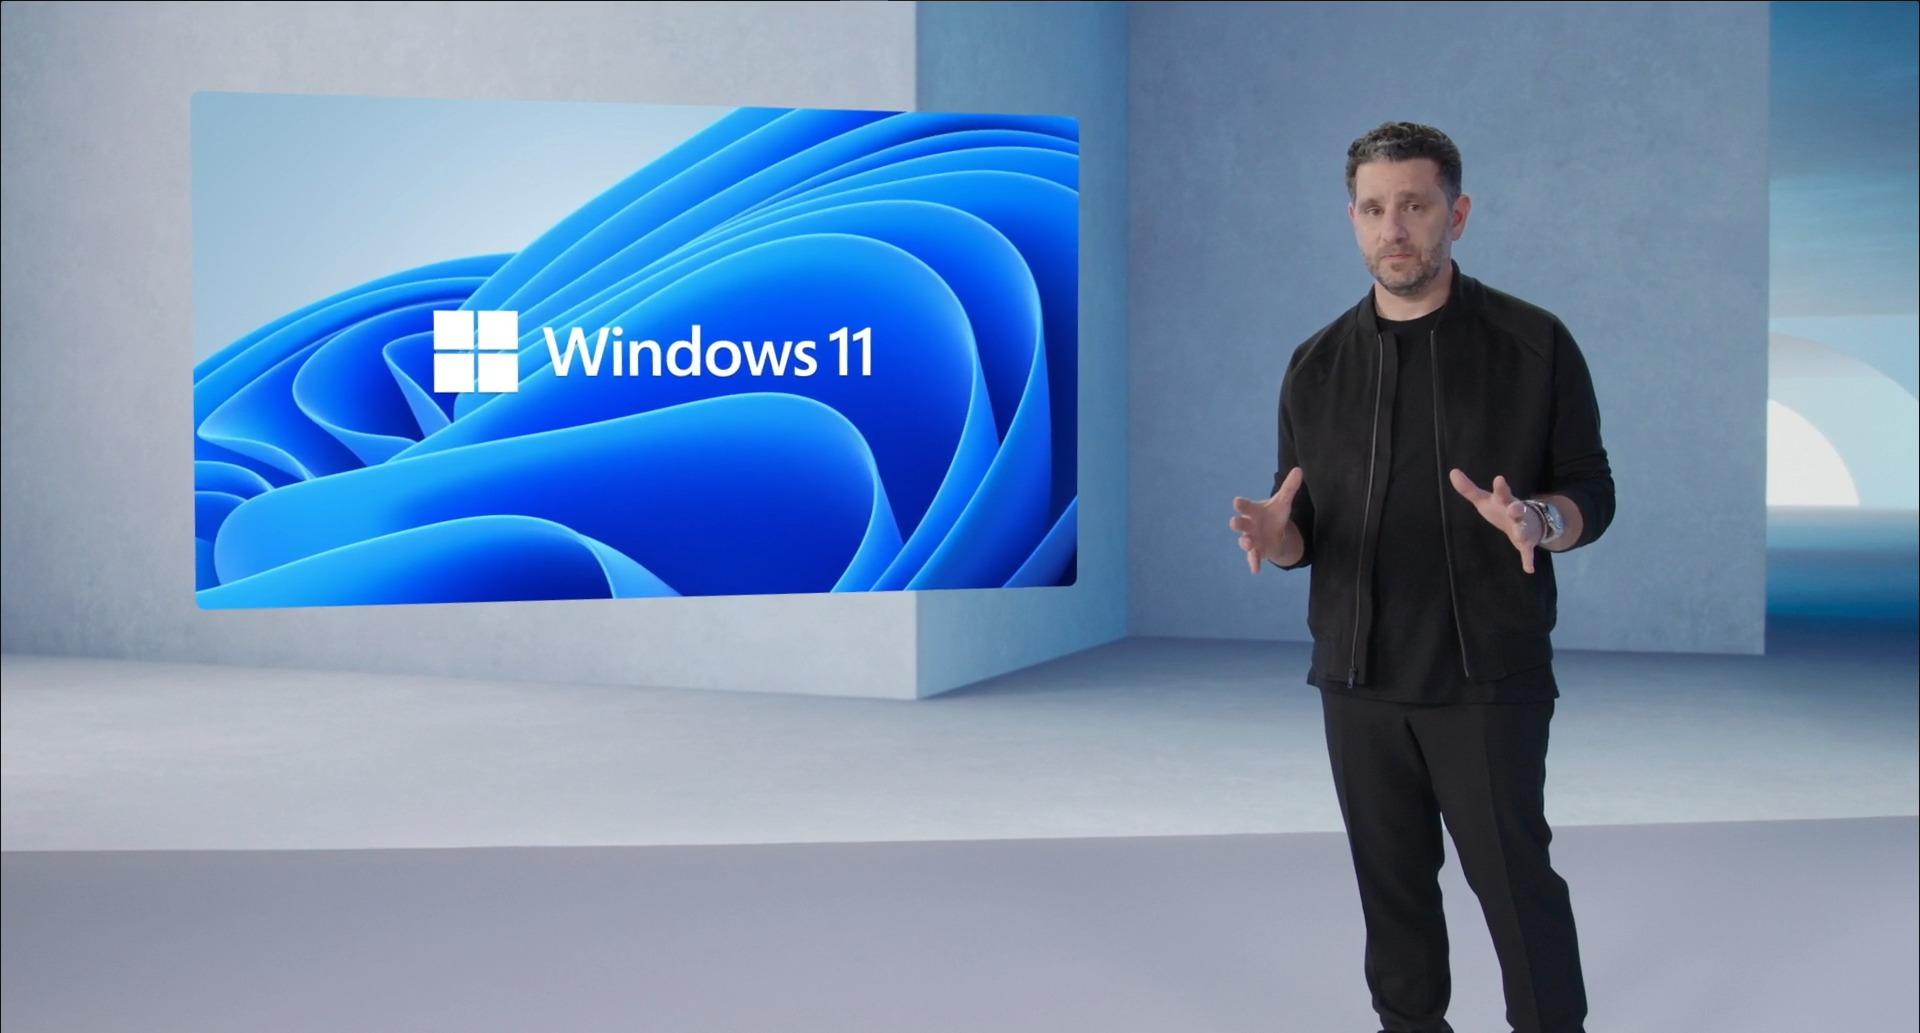 Data premiery Windows 11 została ustalona na 5 października 2021 roku